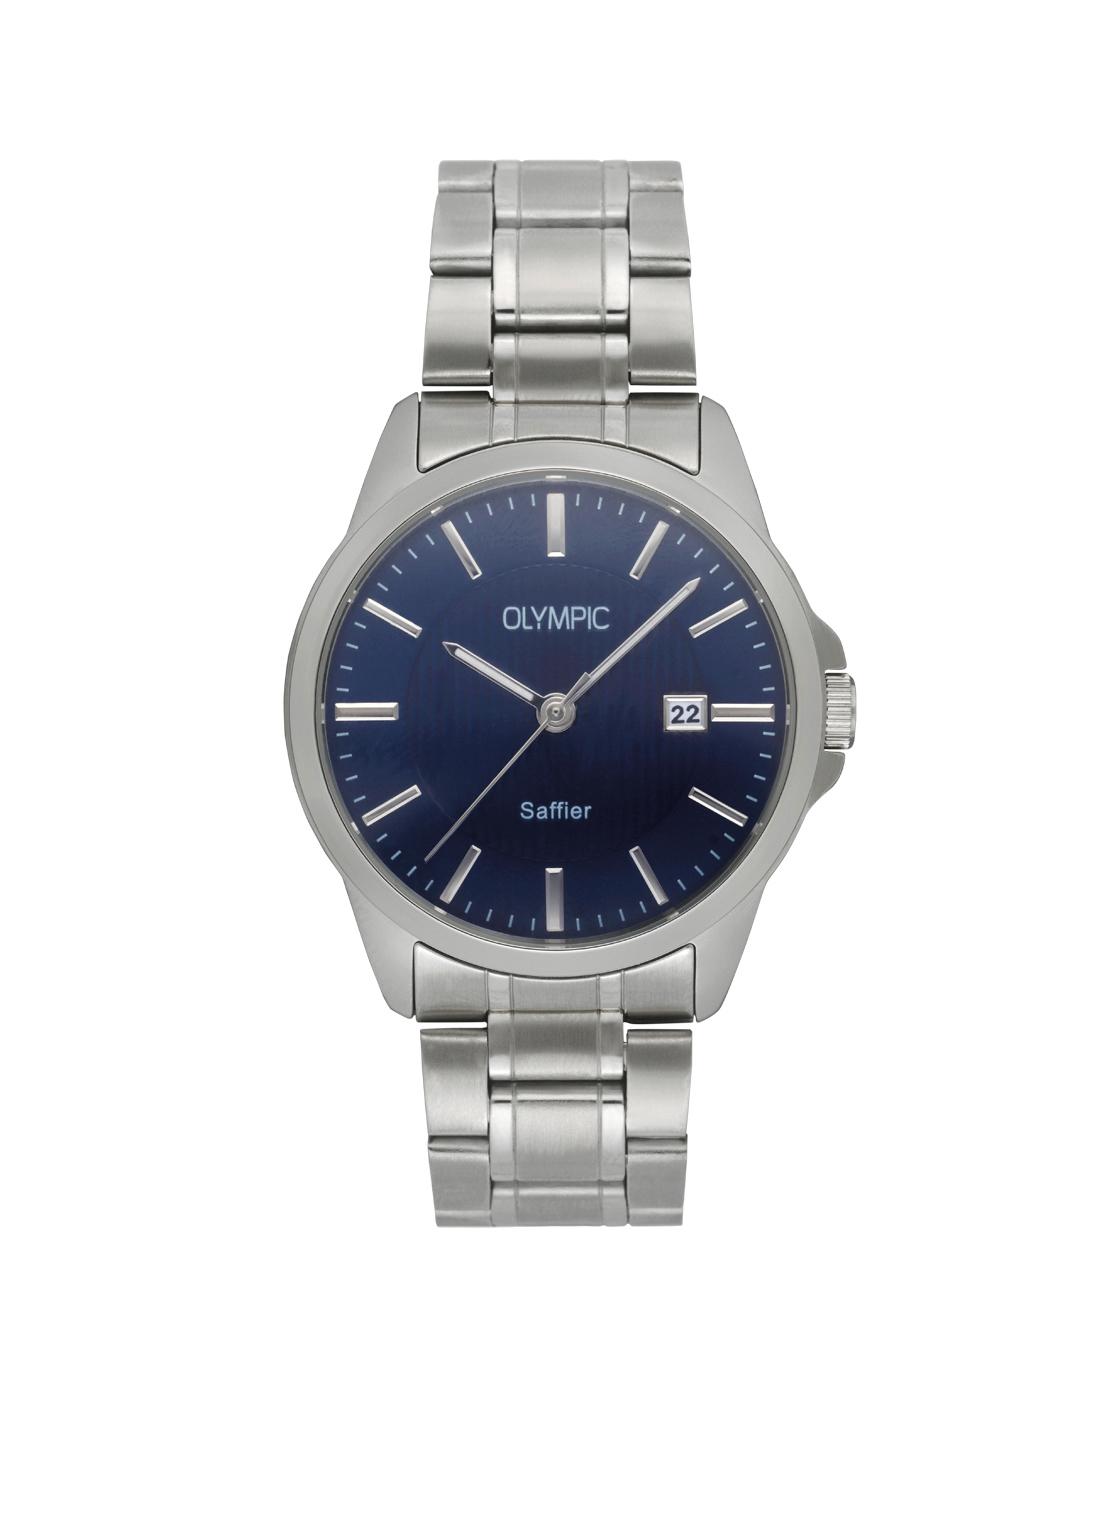 Olympic OL26HSS286 Bari Horloge Staal Zilverkleurig 39mm Heren